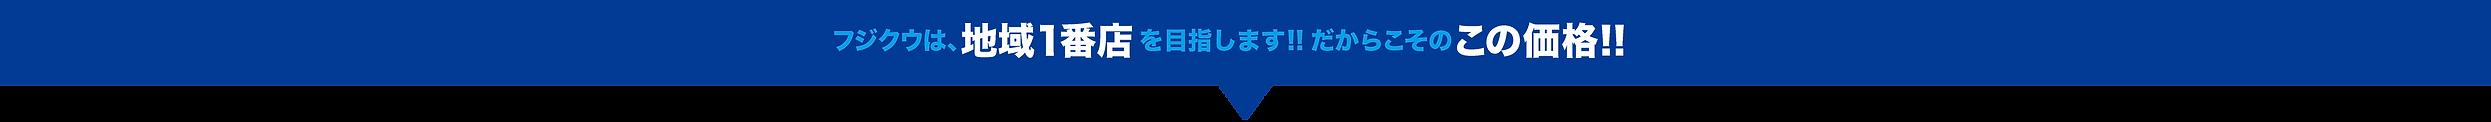 フジクウは愛媛県松山市の地域1番店を目指します。